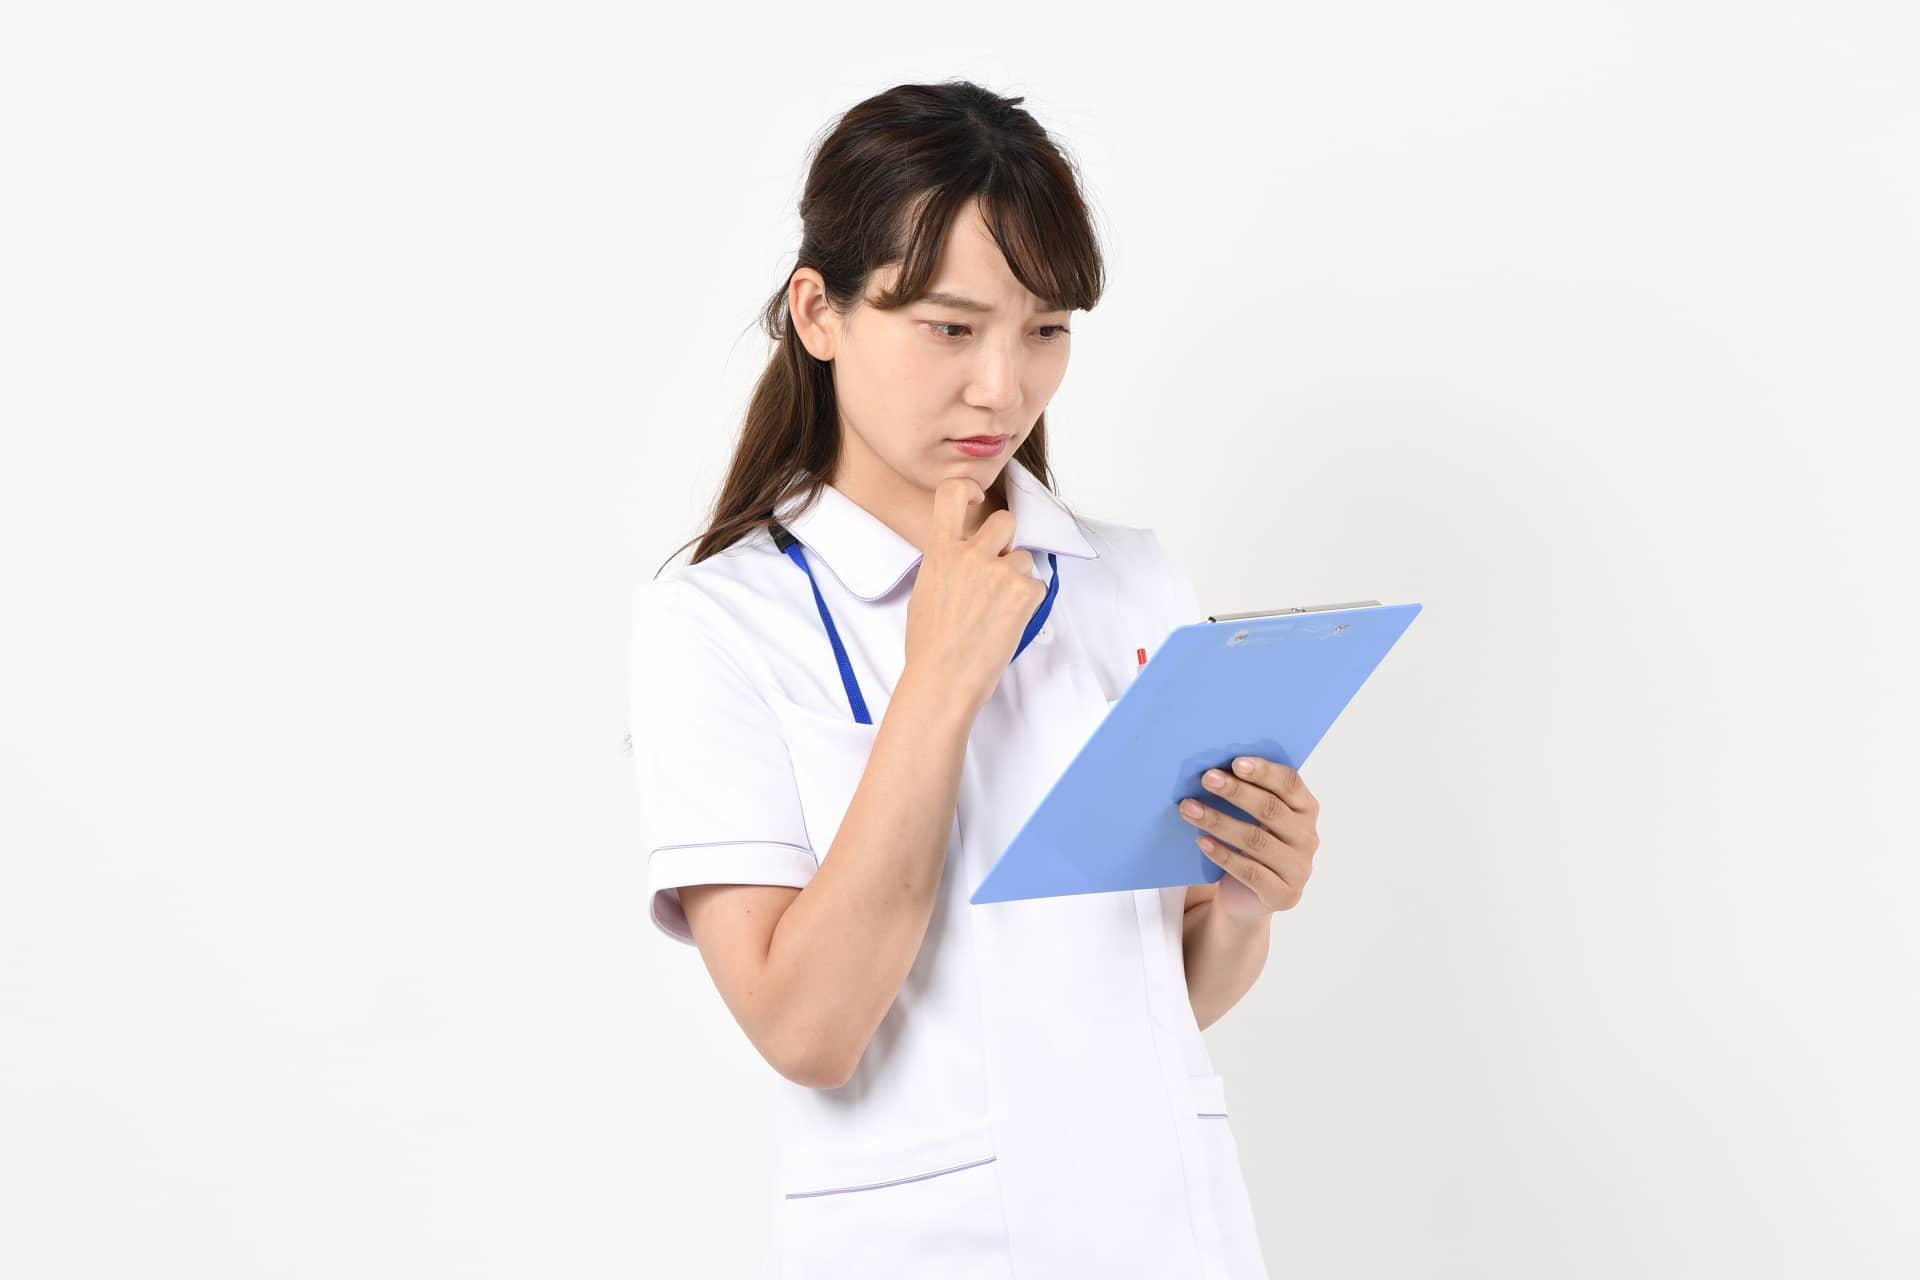 医療従事者の女性